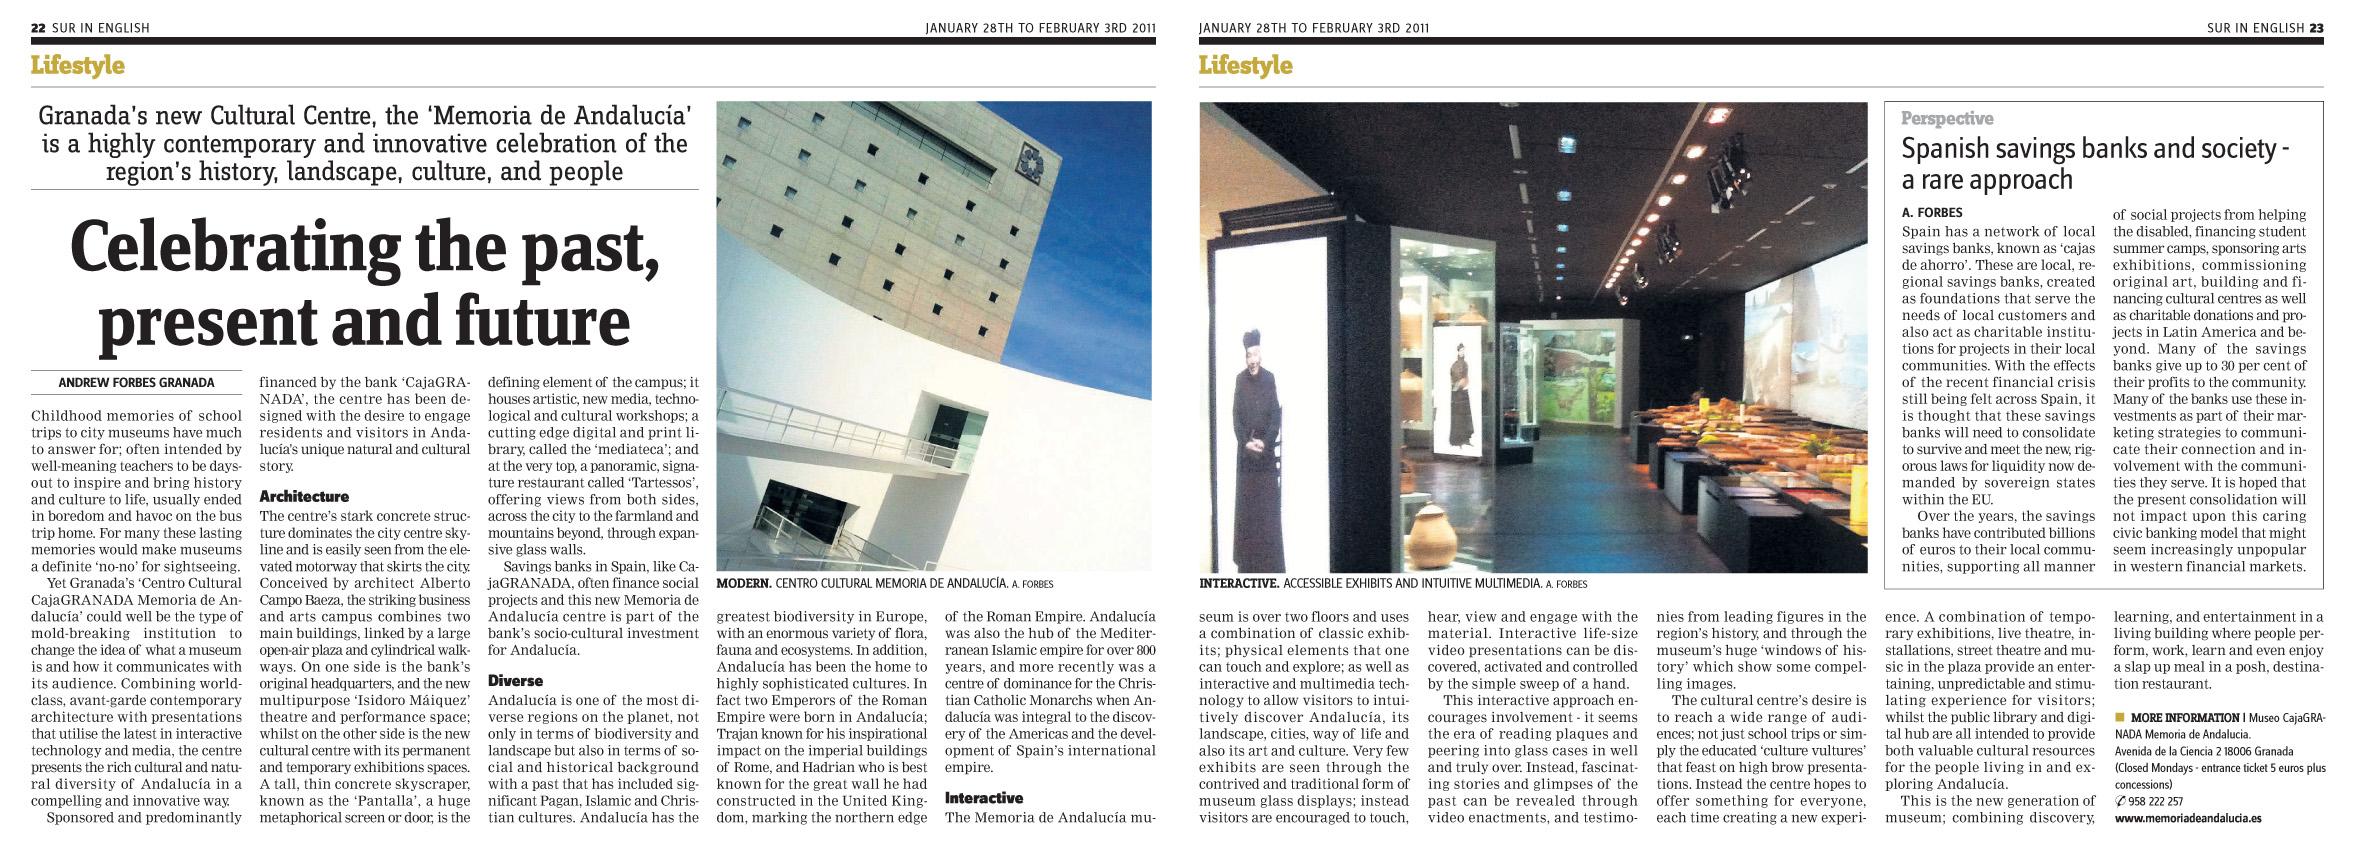 Centro_Cultural_CAJAGranada_memoria_de_andalucia_by_andrew_forbes